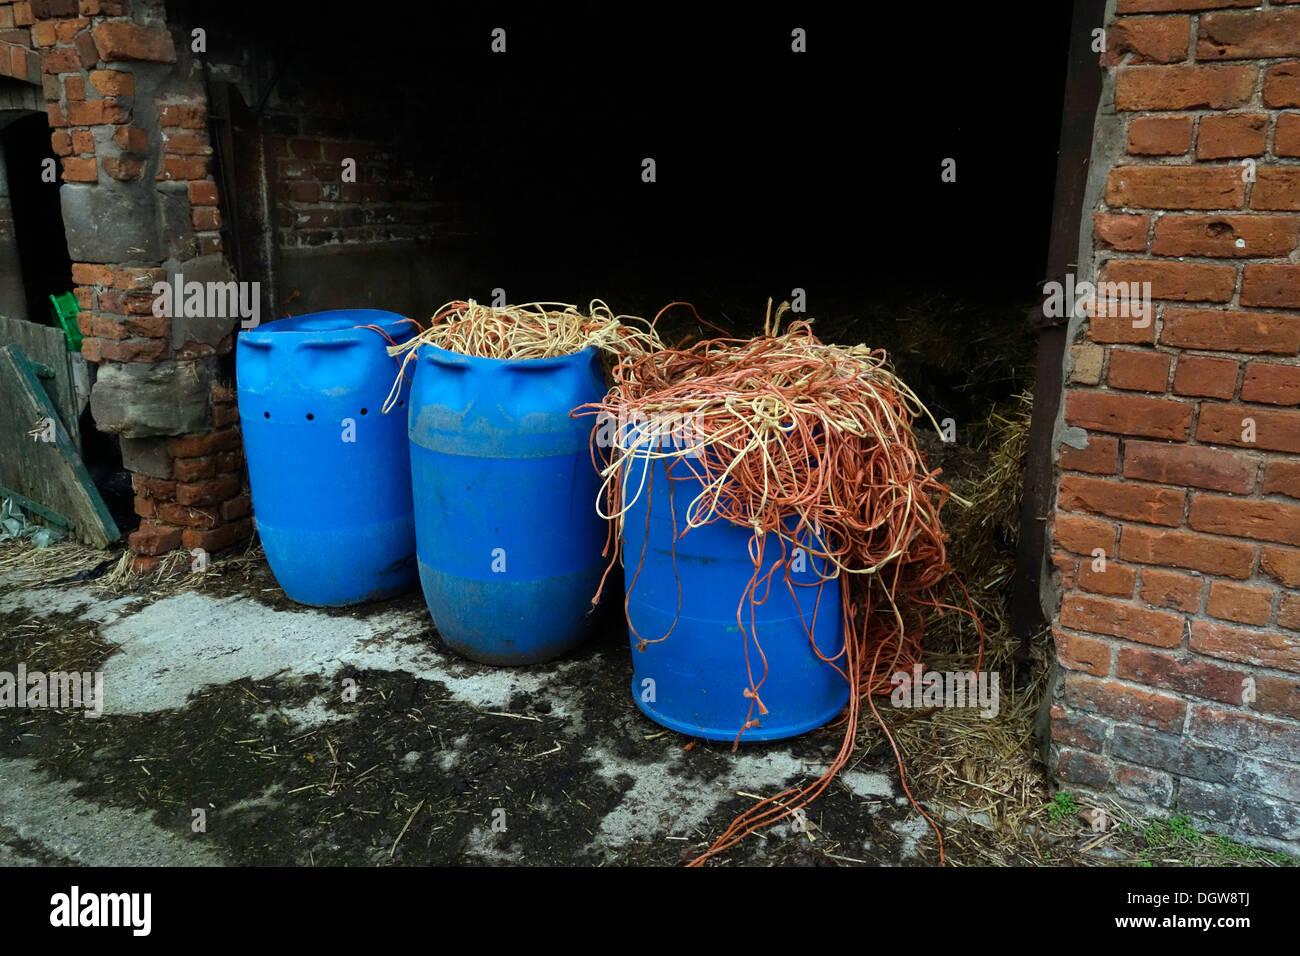 Cadena de polipropileno guardados desde los fardos de heno y paja para reciclaje en Cheshire, Reino Unido Vaquería Foto de stock